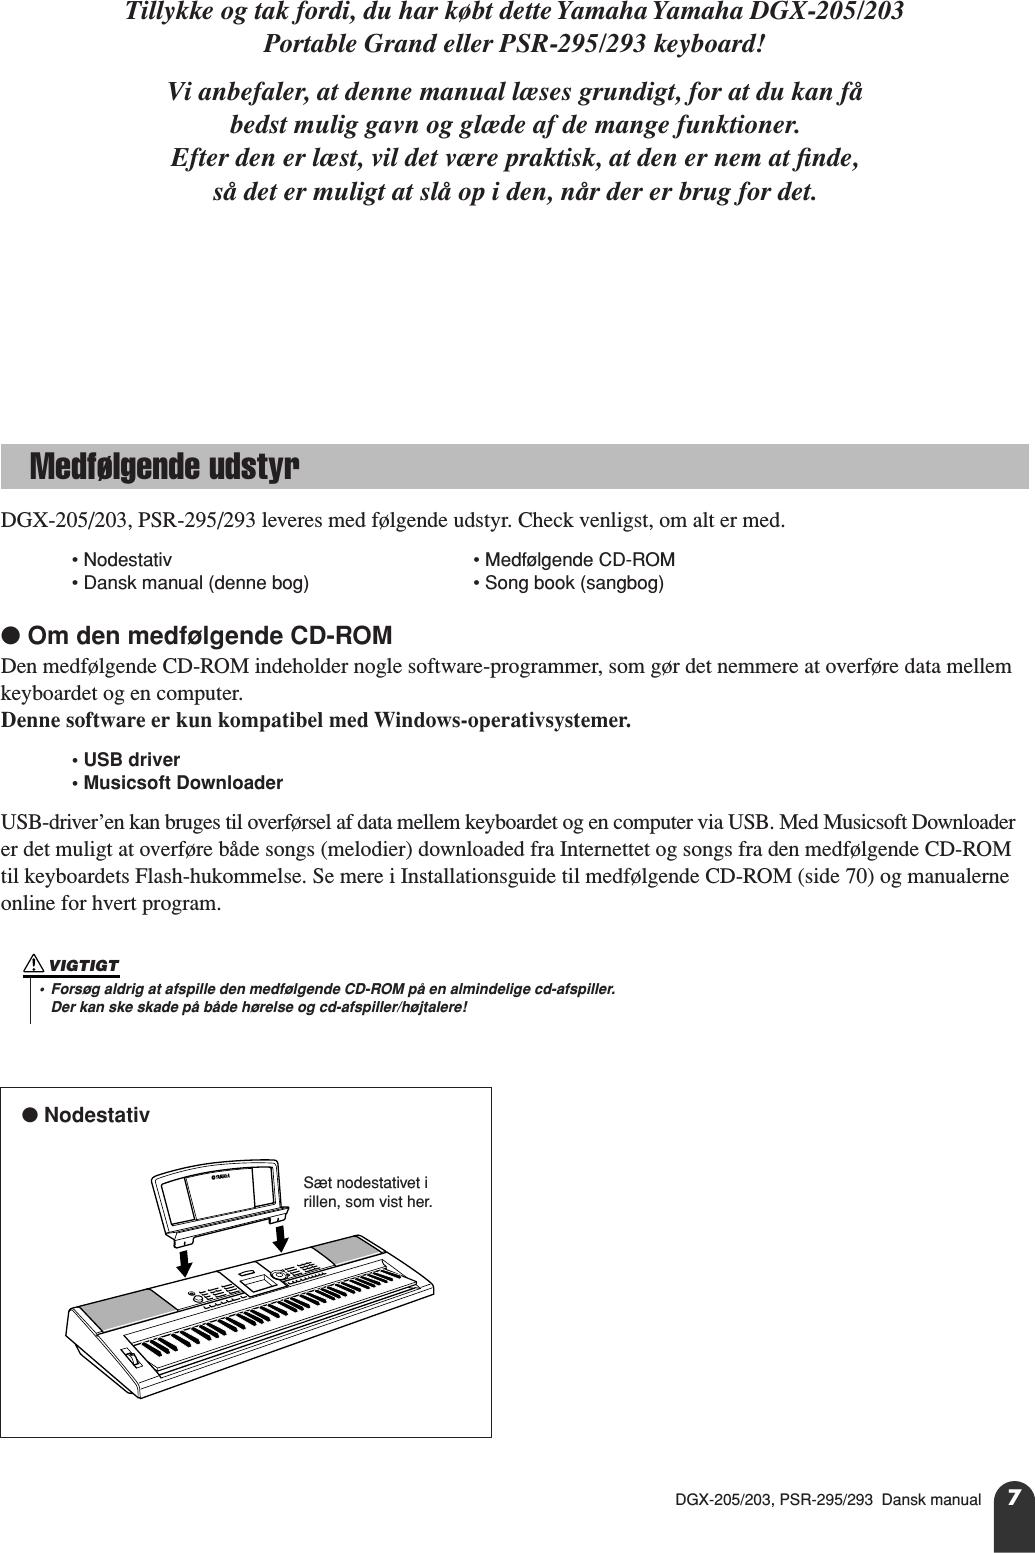 Yamaha DGX 205/203, PSR 295/293 Dansk Manual 205/DGX 203/PSR 295/PSR